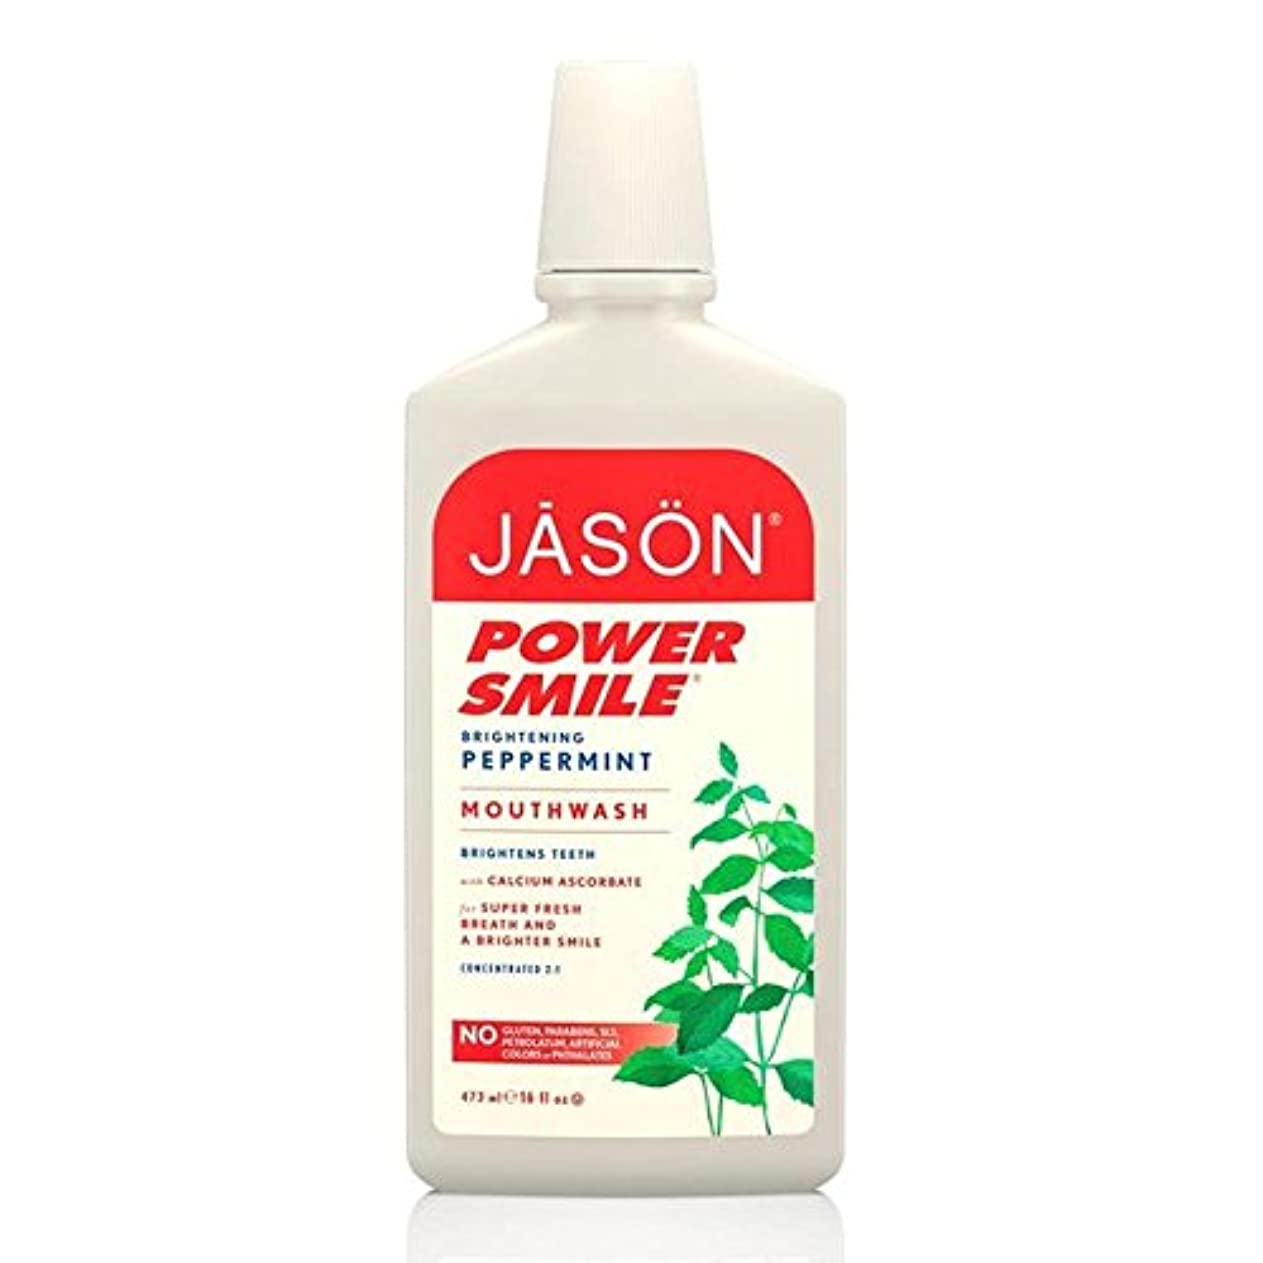 副産物一見責任者ジェイソンマウスウォッシュ480ミリリットル x4 - Jason Powersmile Mouthwash 480ml (Pack of 4) [並行輸入品]